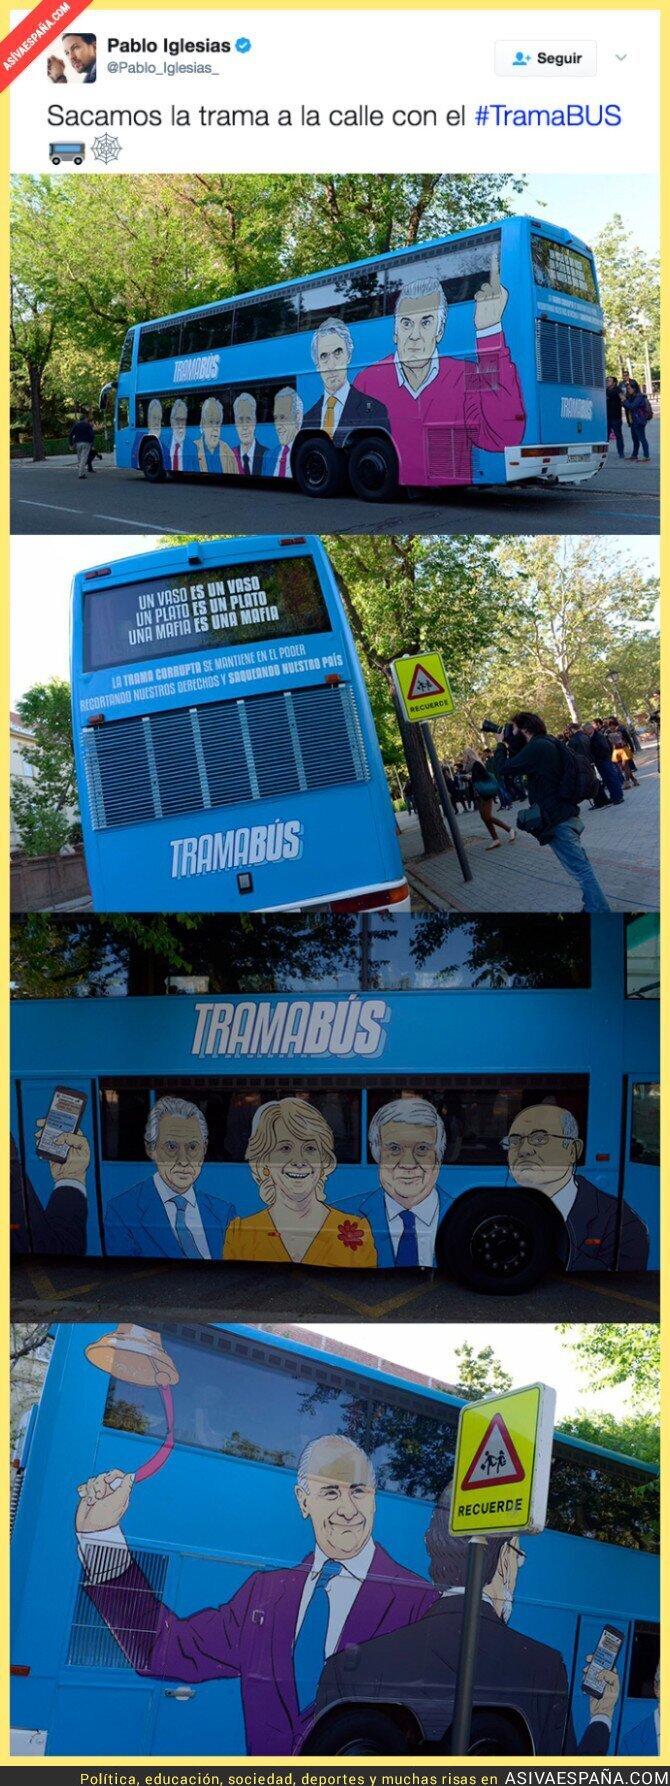 66443 - Pablo Iglesias saca a las calles el Trama Bus con estos dibujos